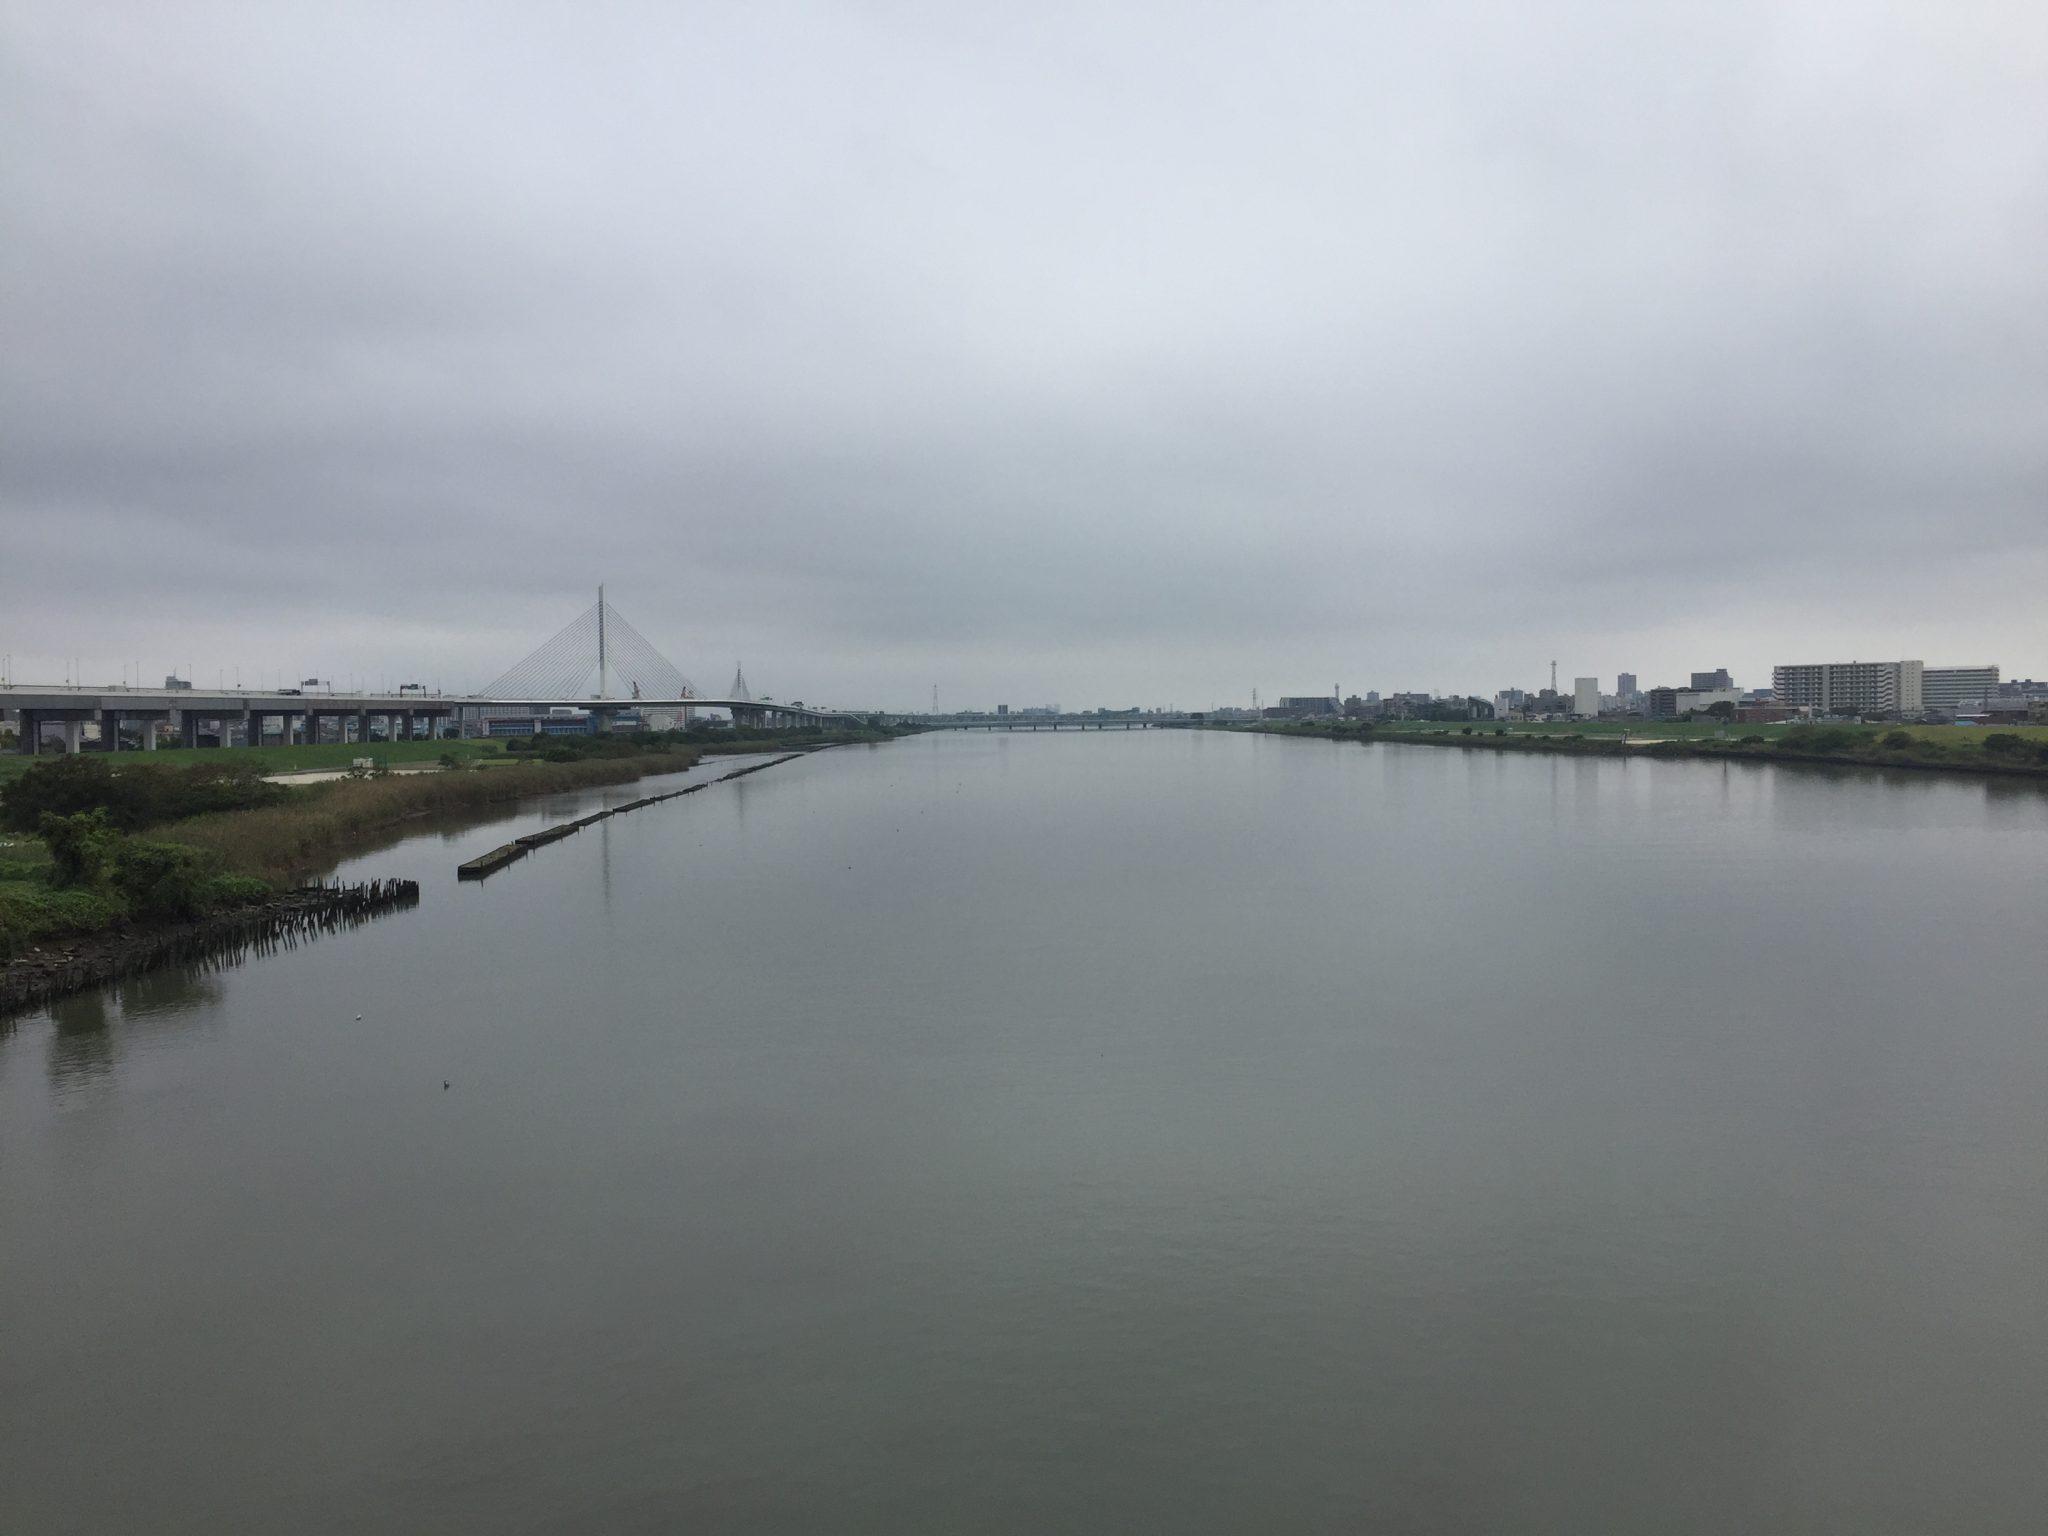 2018年9月のランニング記録~走行距離は120km。荒川の向かいまで足を延ばして12kmのランコースを開拓しました。